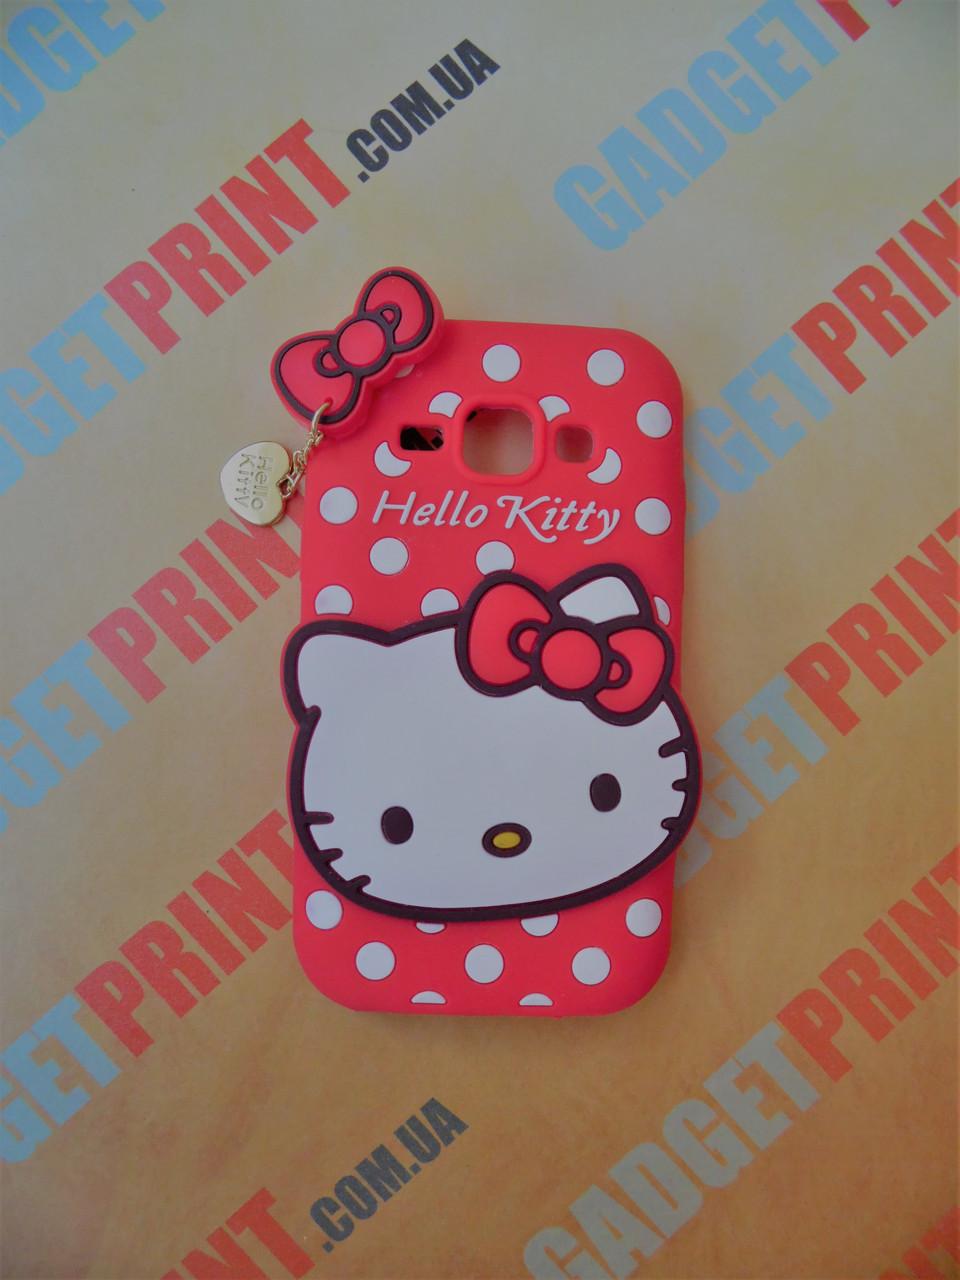 Объемный 3D силиконовый чехол для Samsung Galaxy J1 J100 Hello Kitty красная